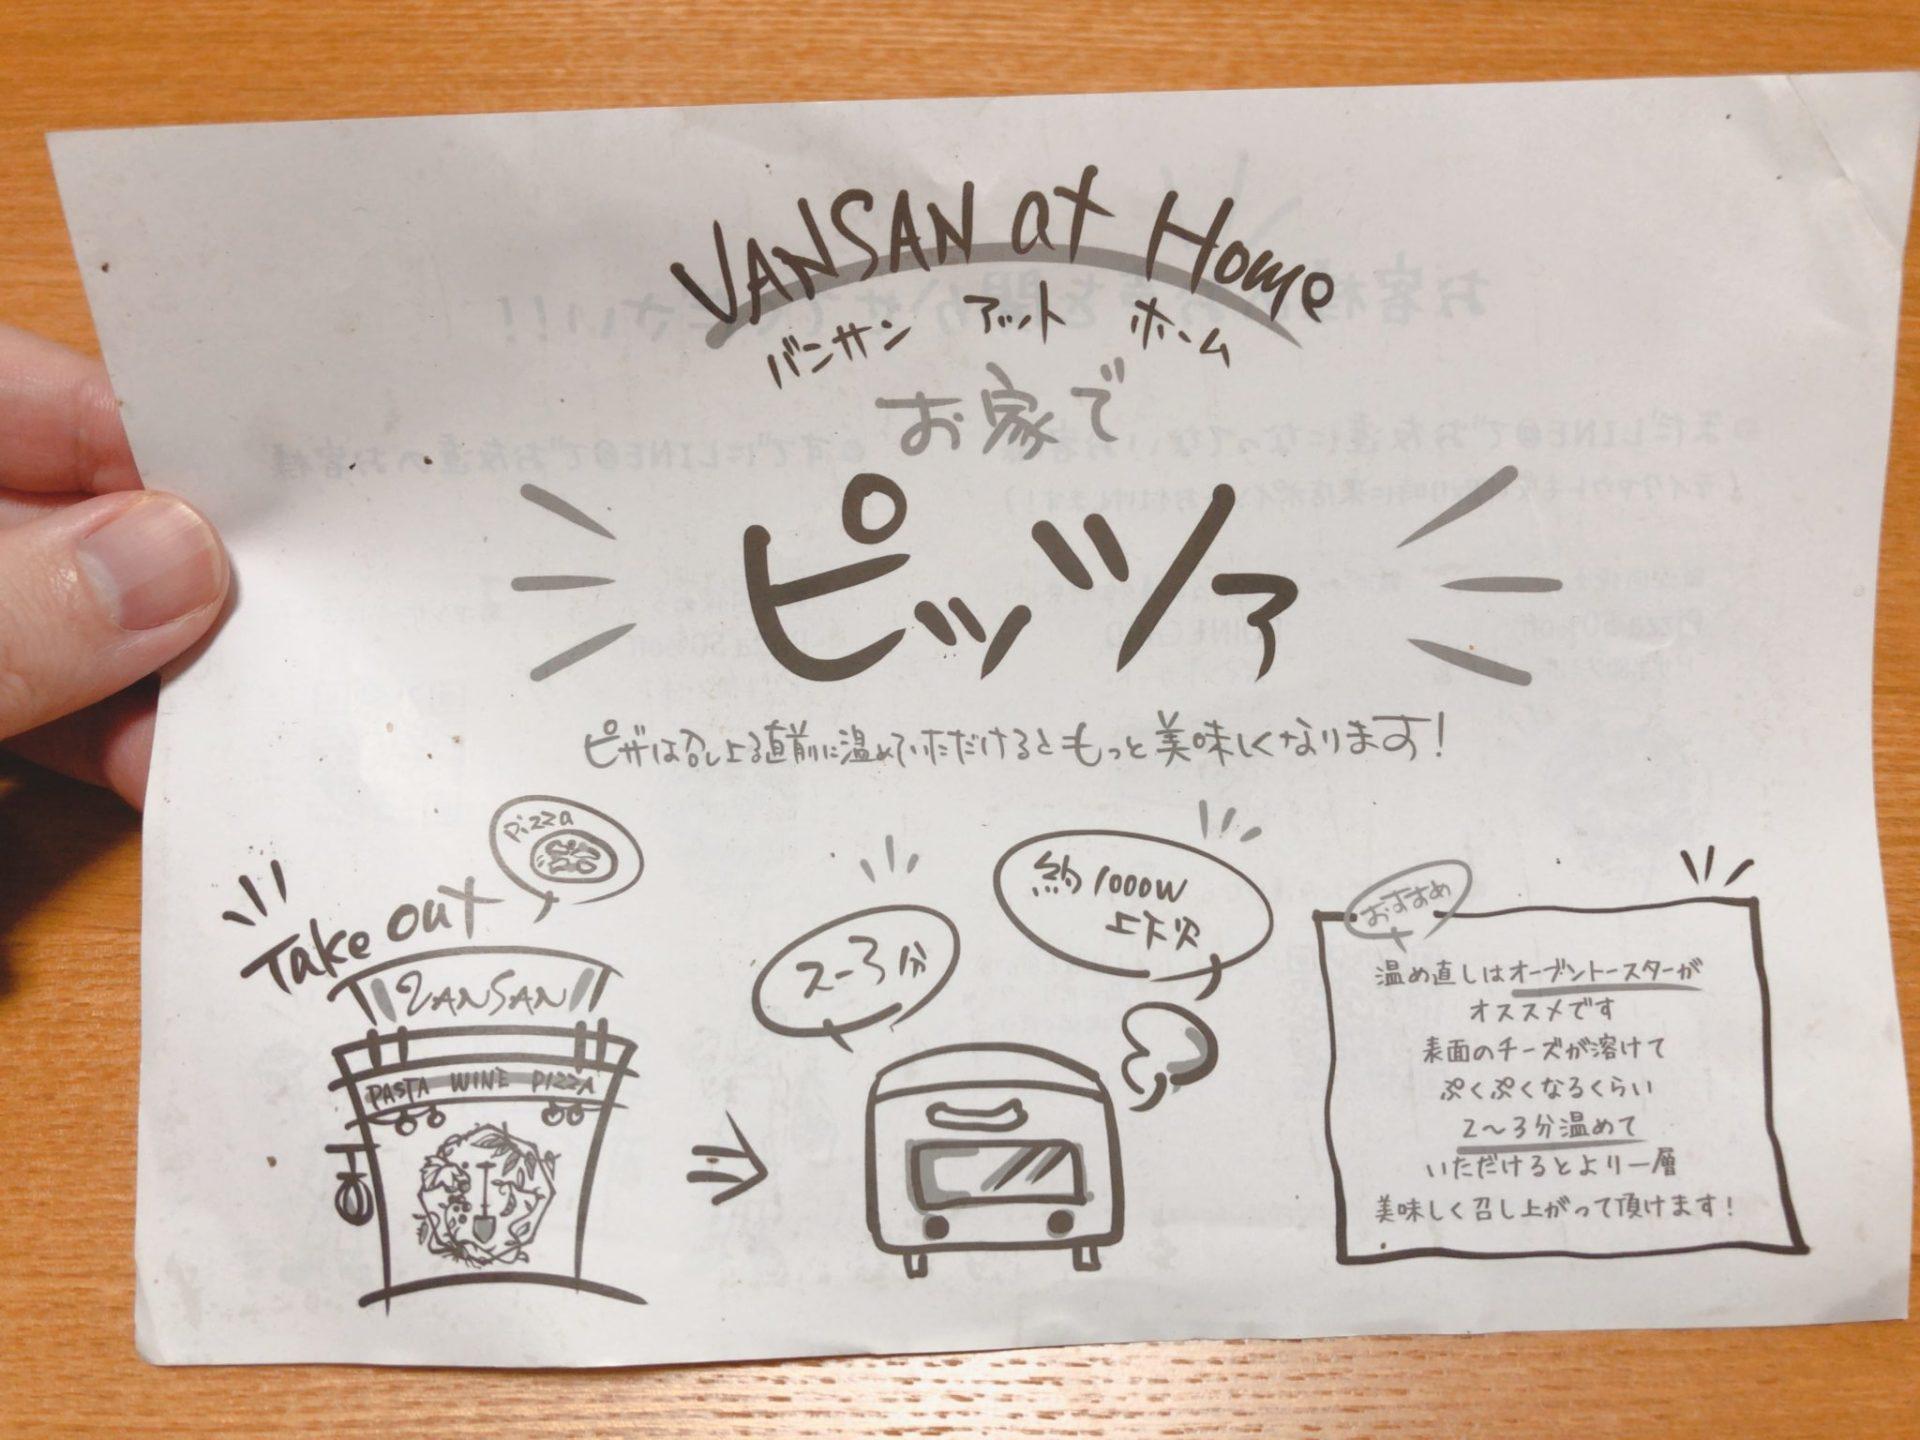 デリバリーアプリmenuメニューのオススメ店VANSAN(バンサン)のチラシ